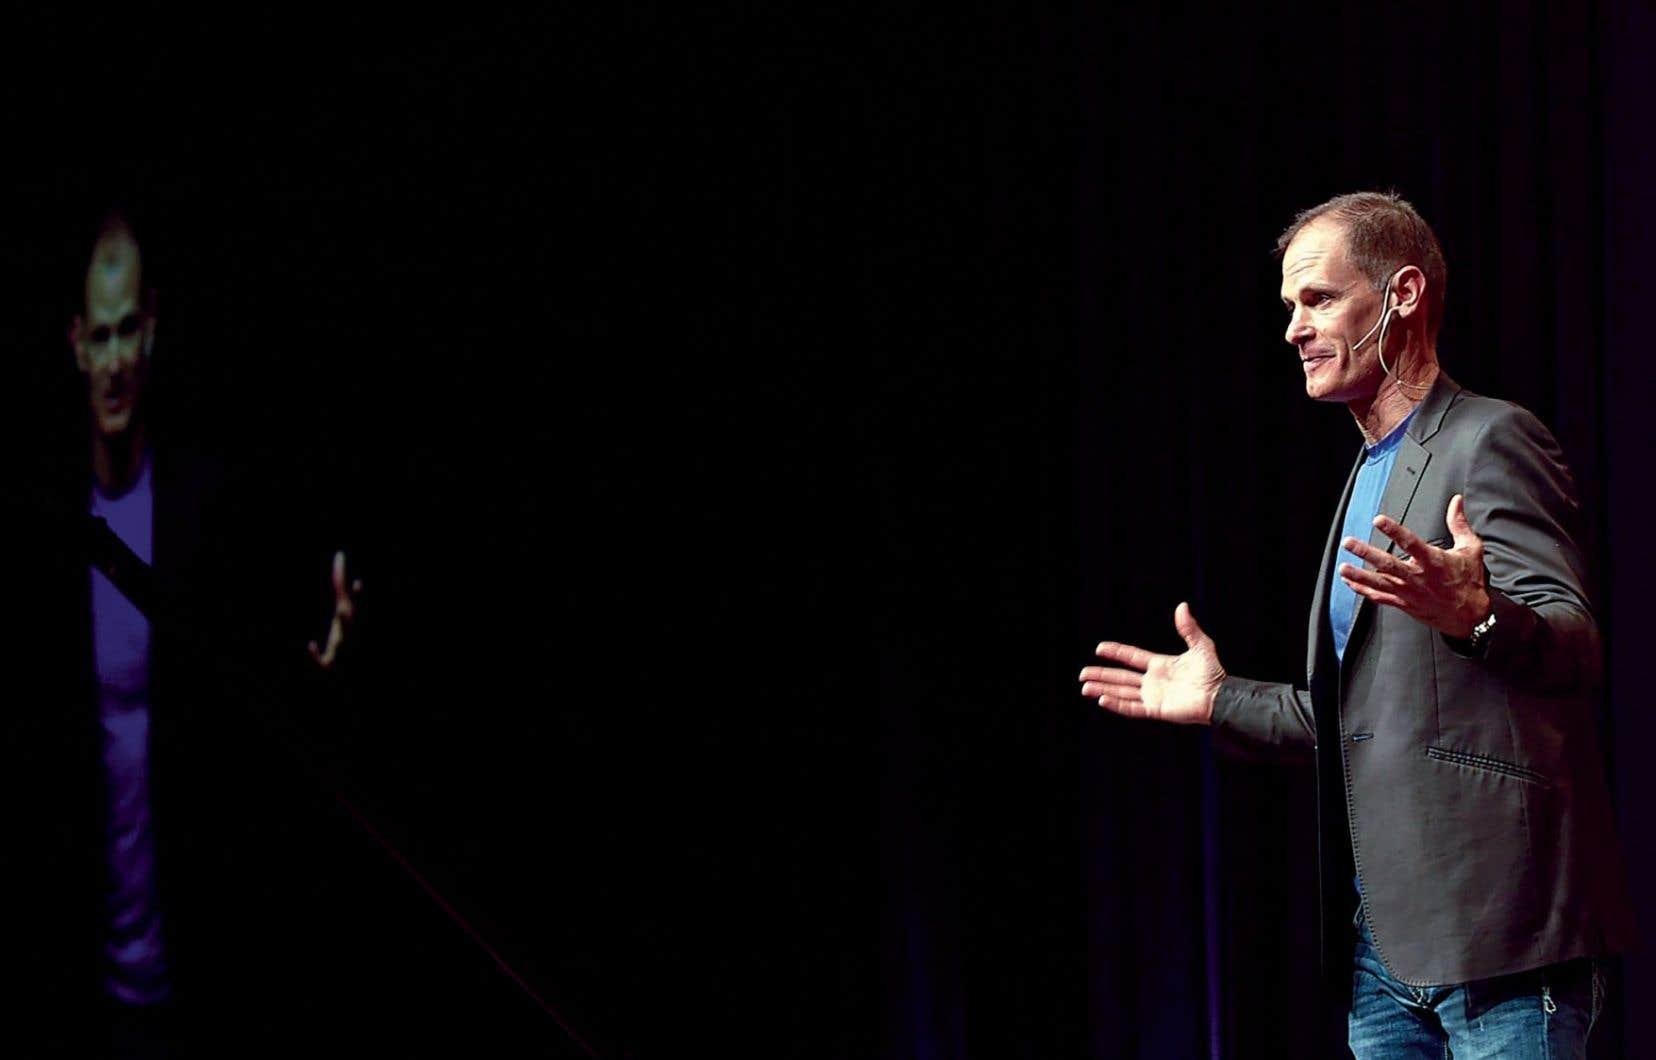 Le présentateur TED Mike Rayburn demande 15000 $ par conférence et en a plus de 4000 à son actif.